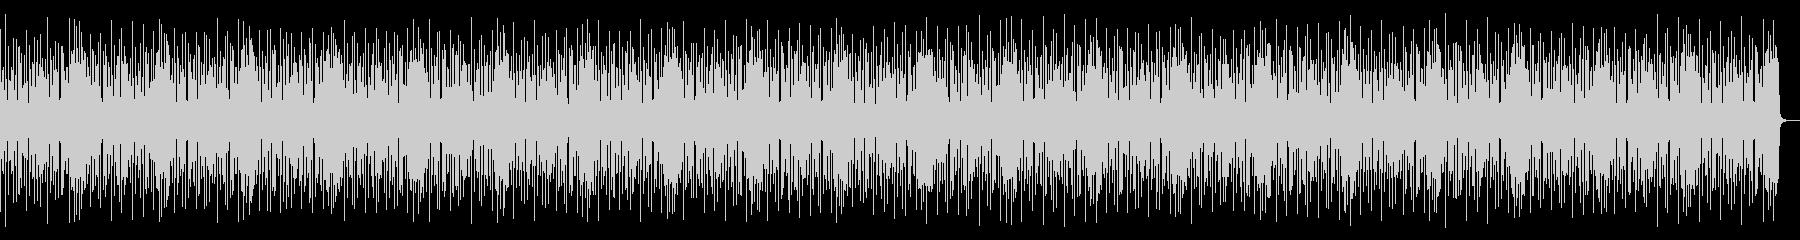 トランペット 派手 ショータイムの未再生の波形